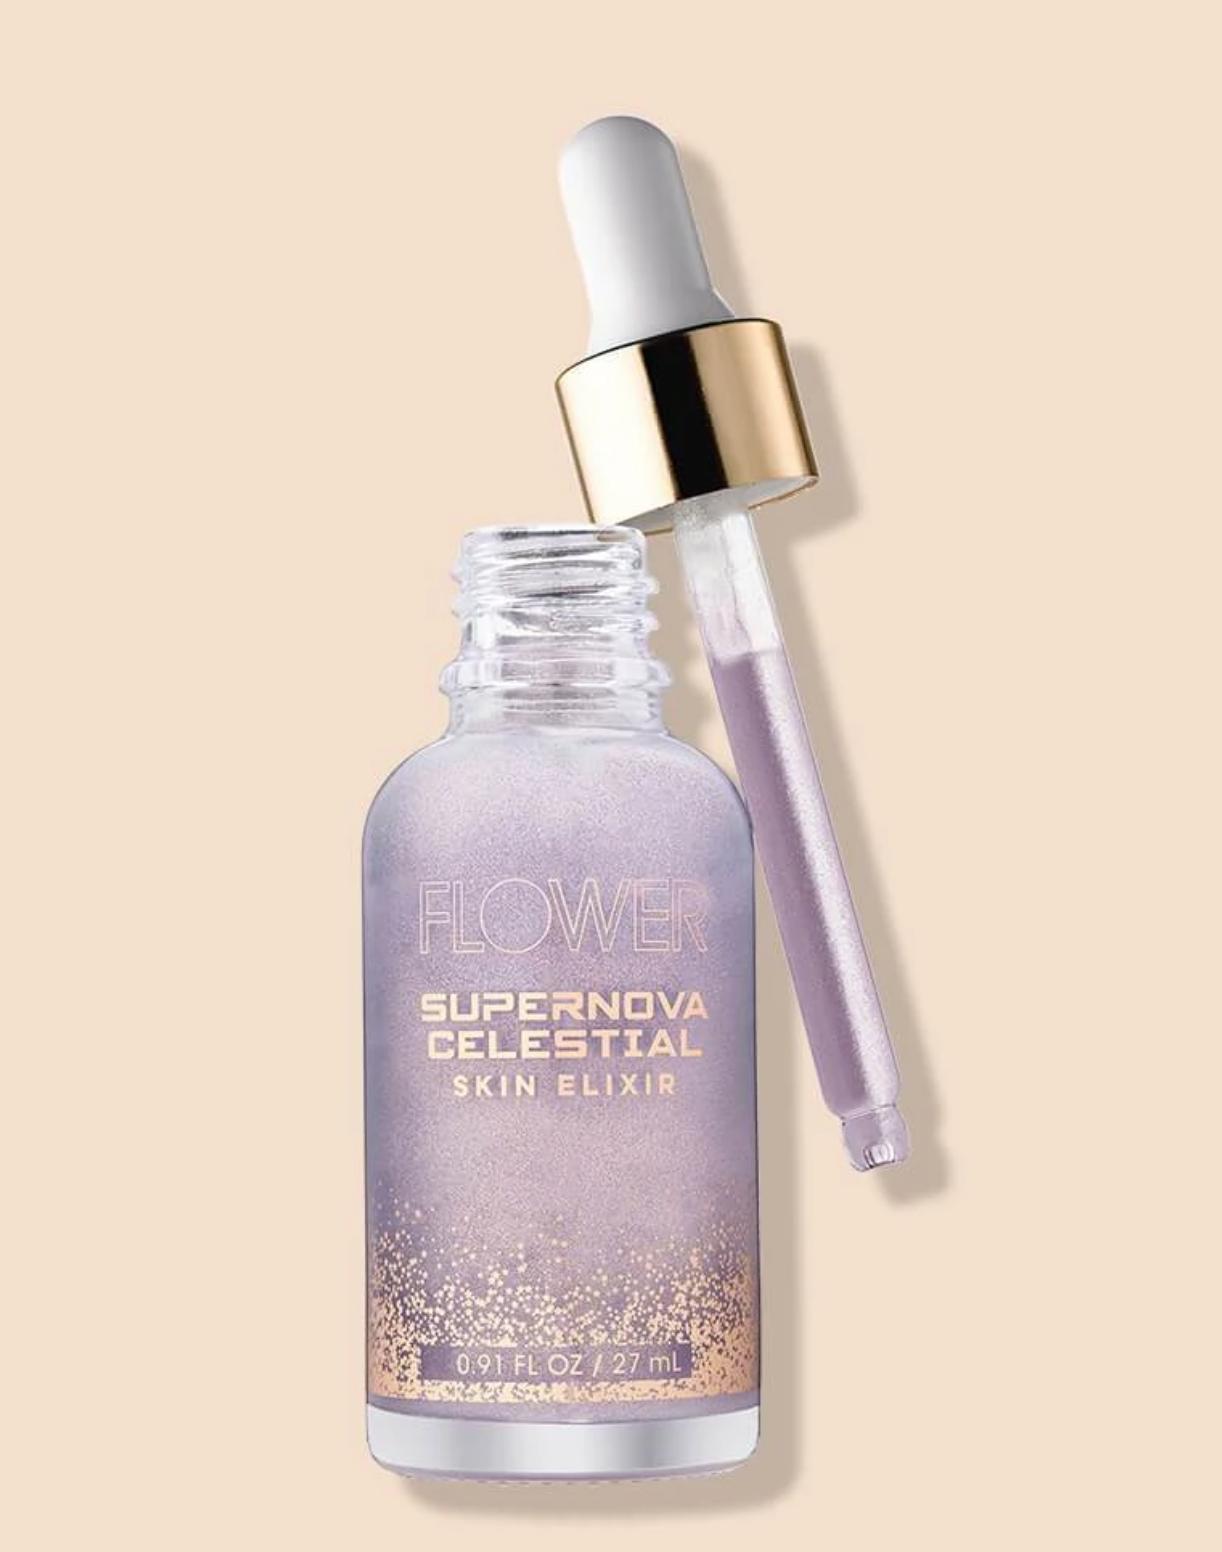 Flower Supernova Celestial Skin Elixir